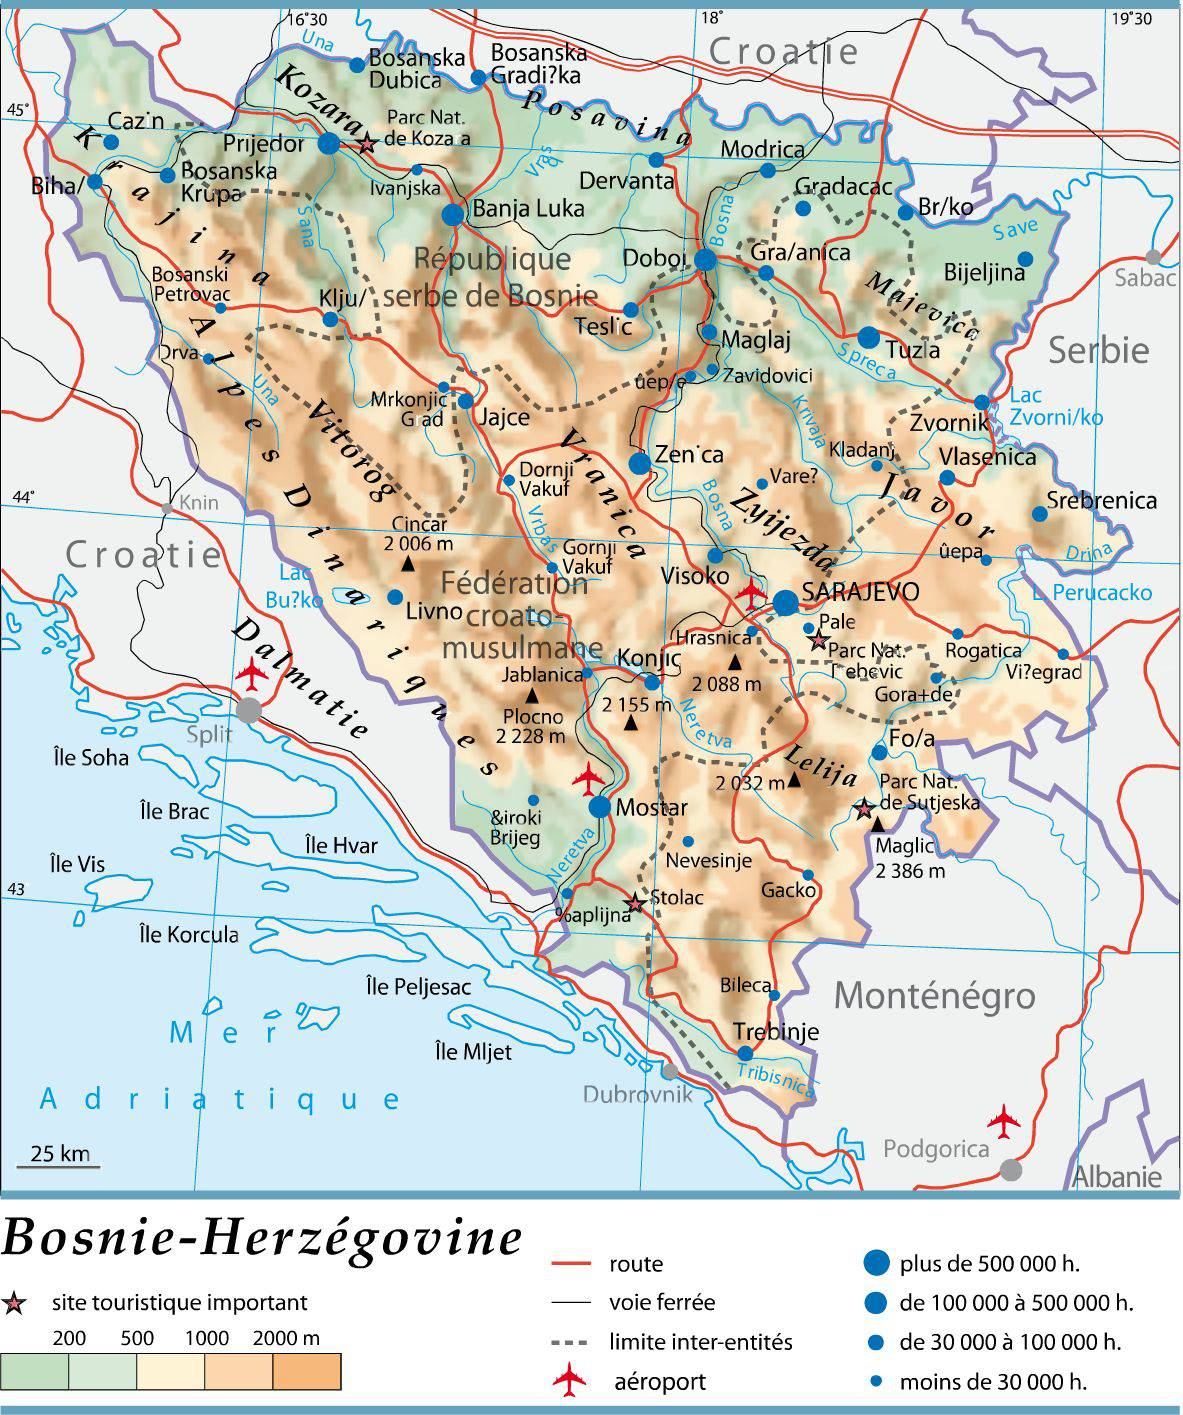 Bosnie-Herzégovine carte